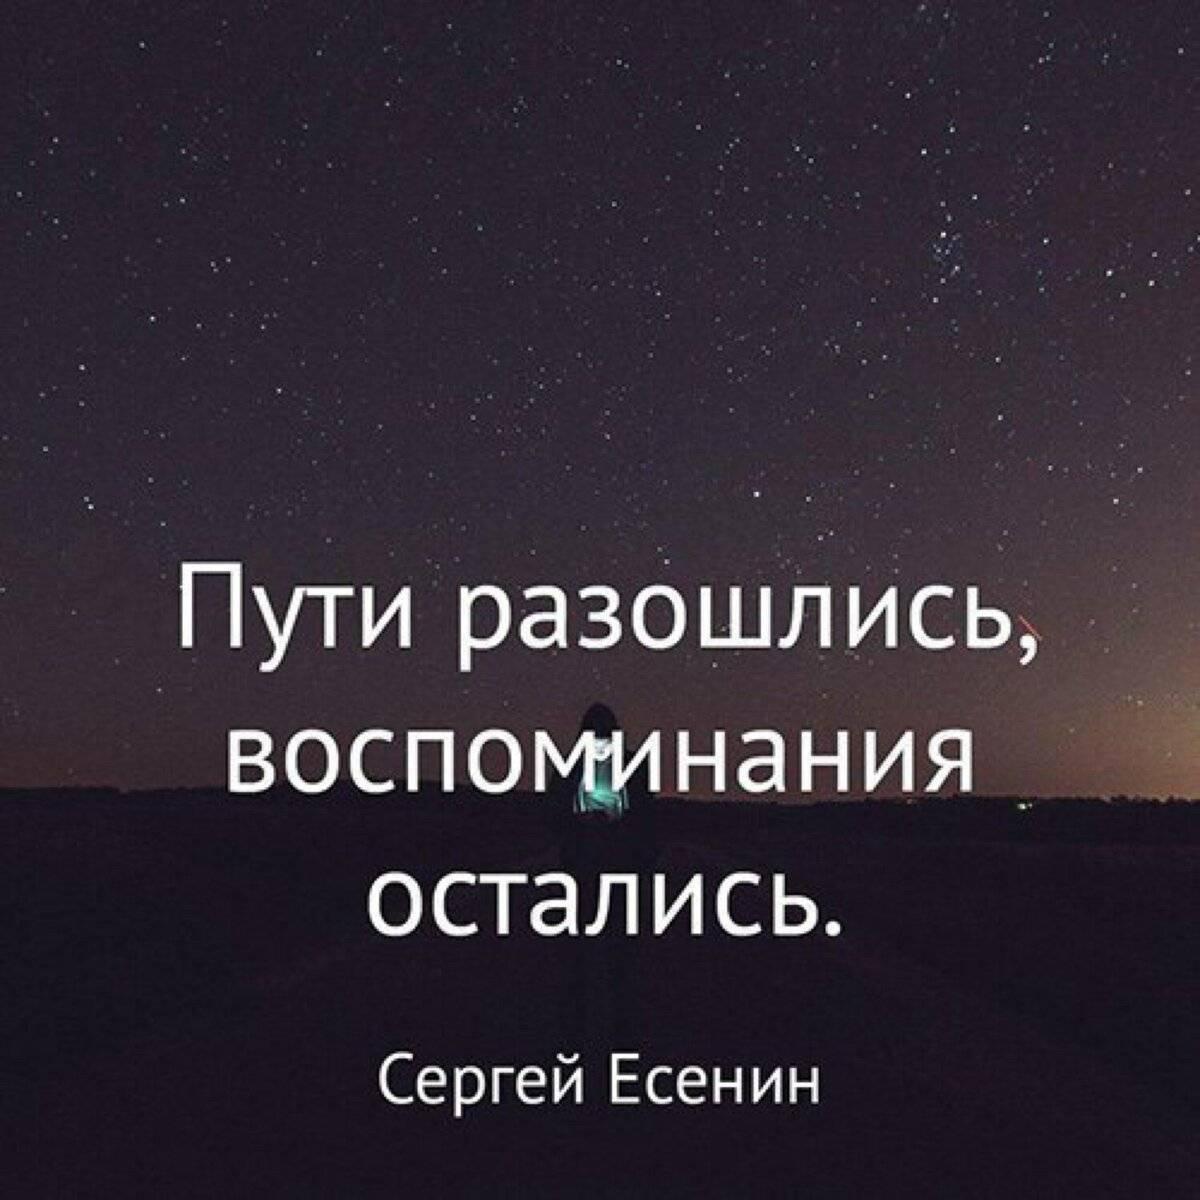 Цитаты под фото для инстаграм